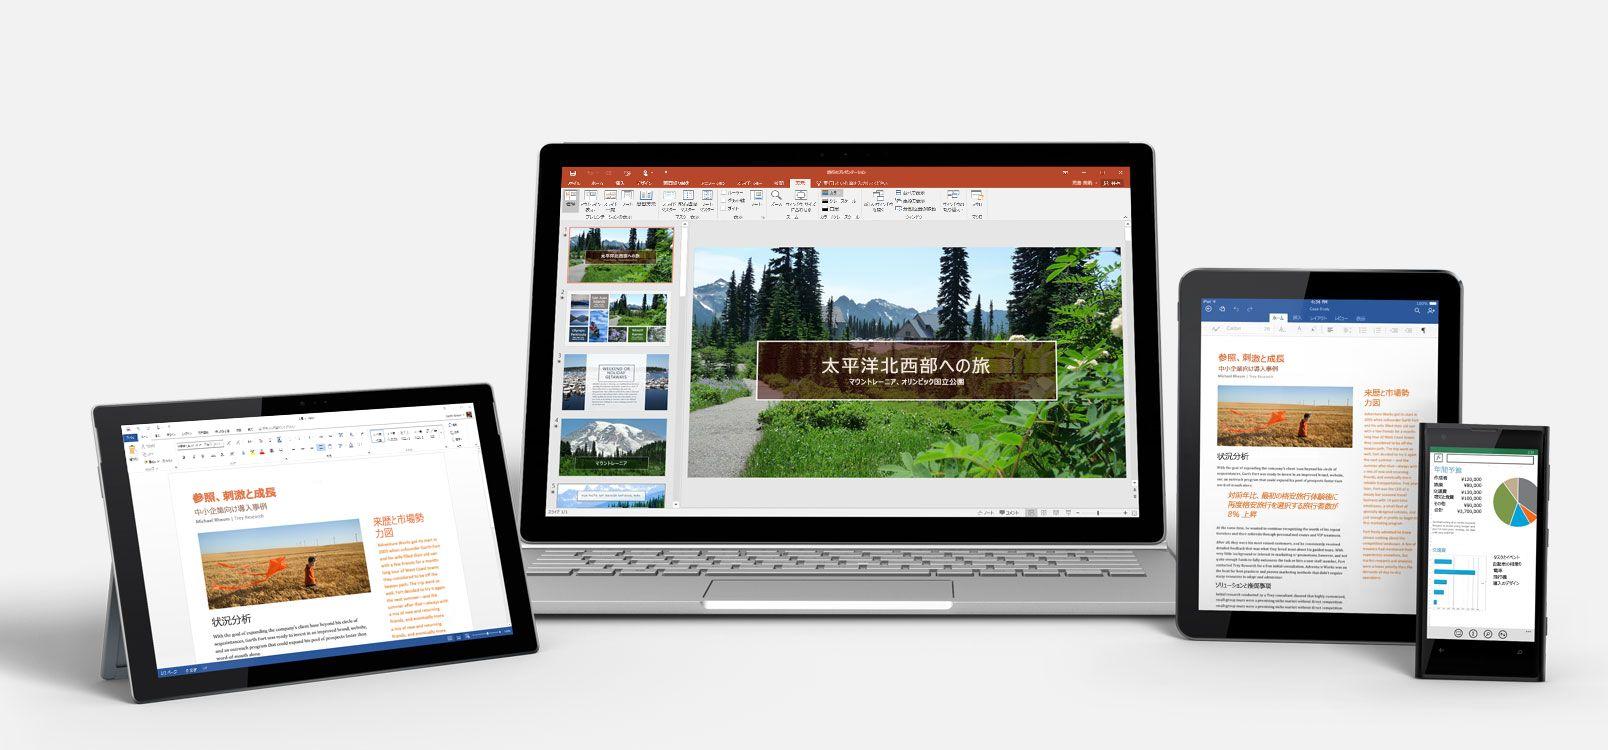 Windows タブレット、ノート PC、iPad、スマートフォンで Office 365 を使用しています。